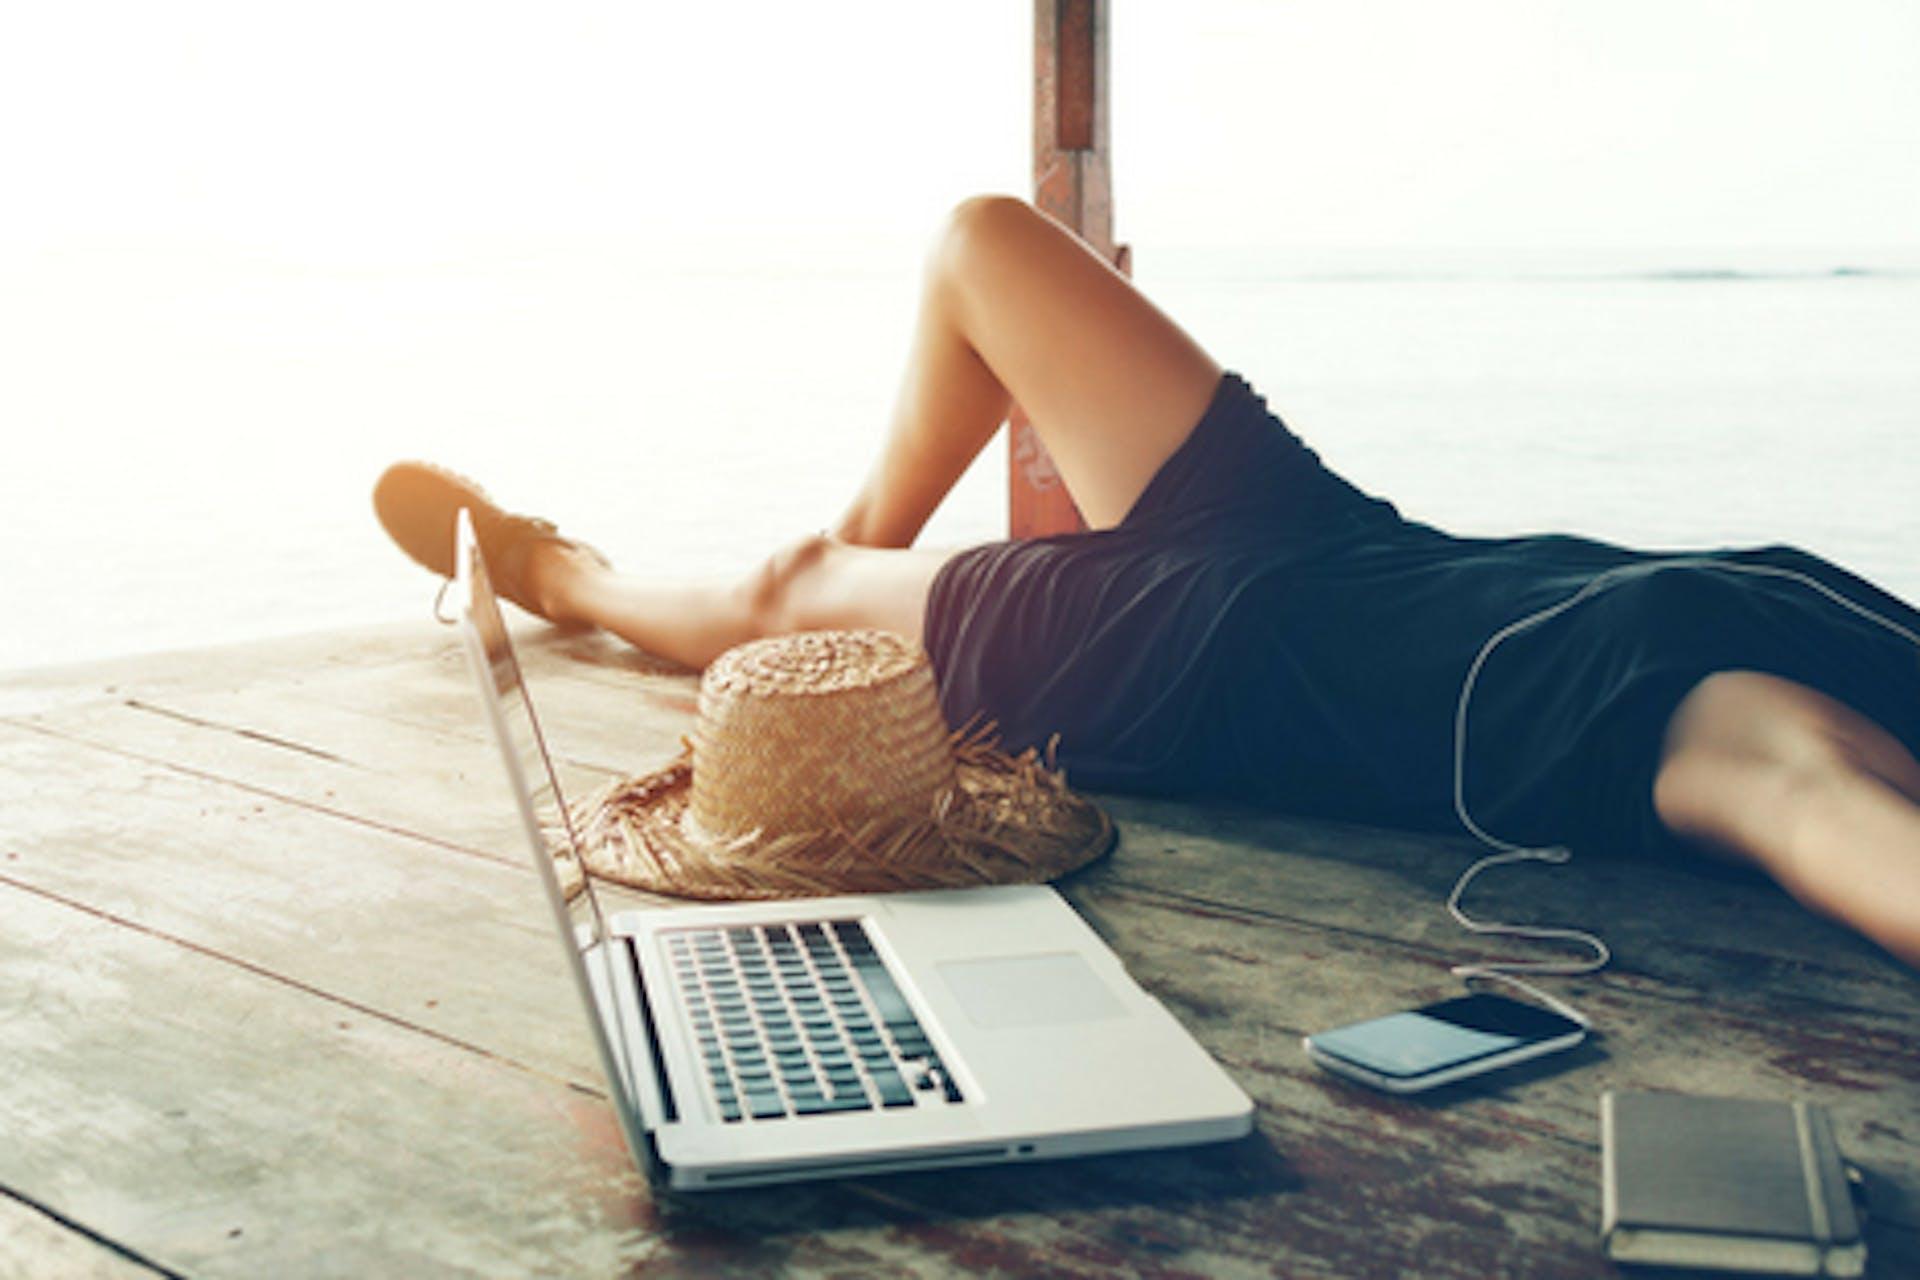 Frau liegt mit Kopfhörern, Smartphone und Laptop auf einem Steg auf dem Wasser